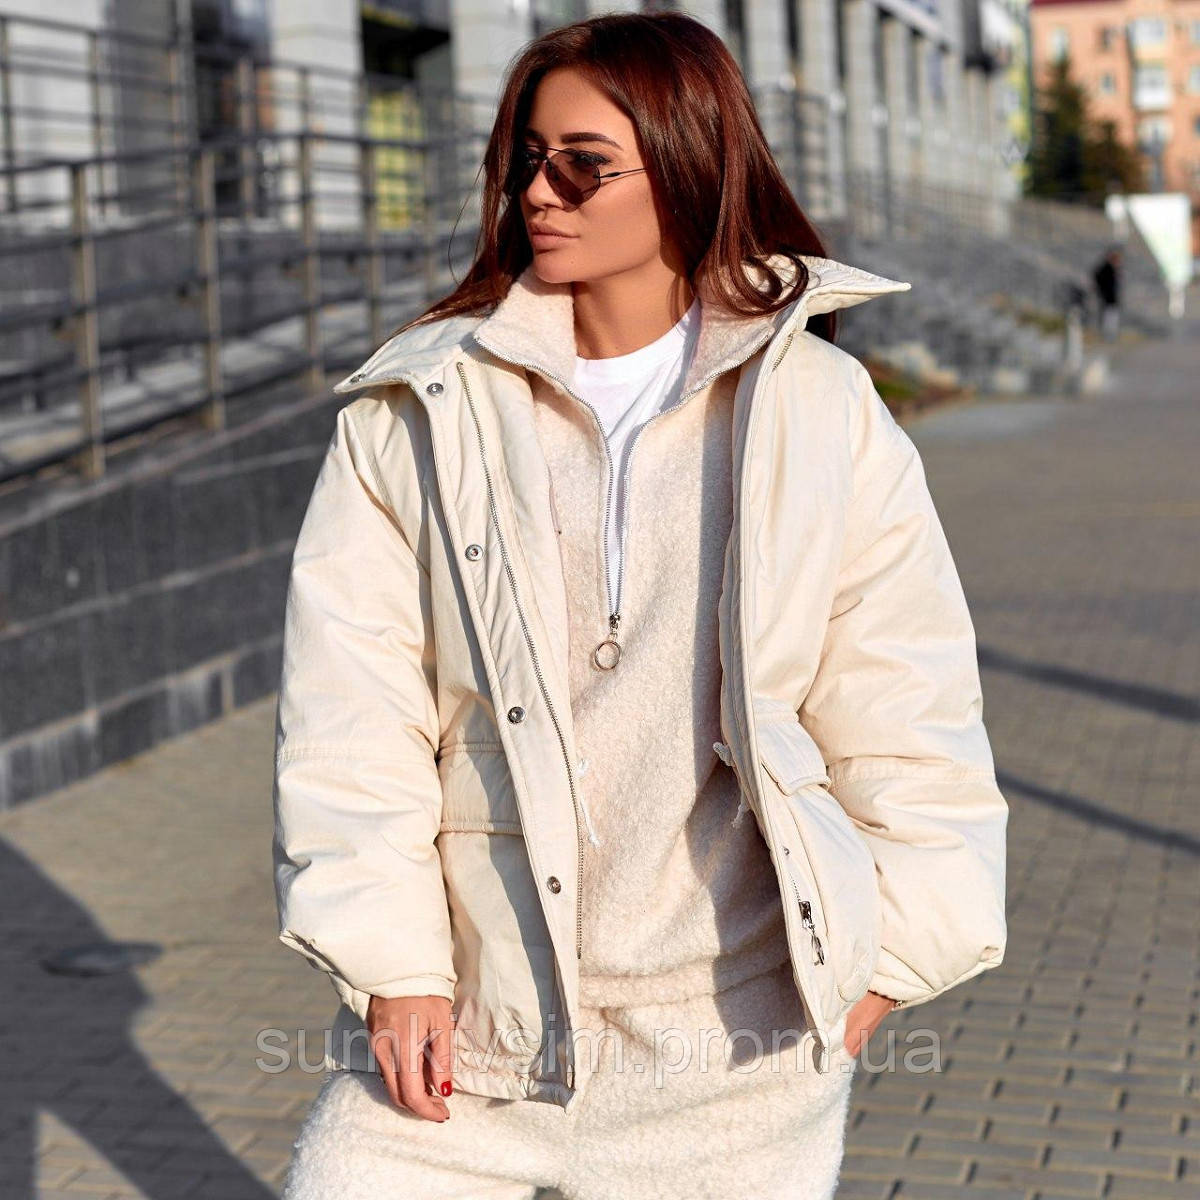 Объемная куртка с накладными карманами